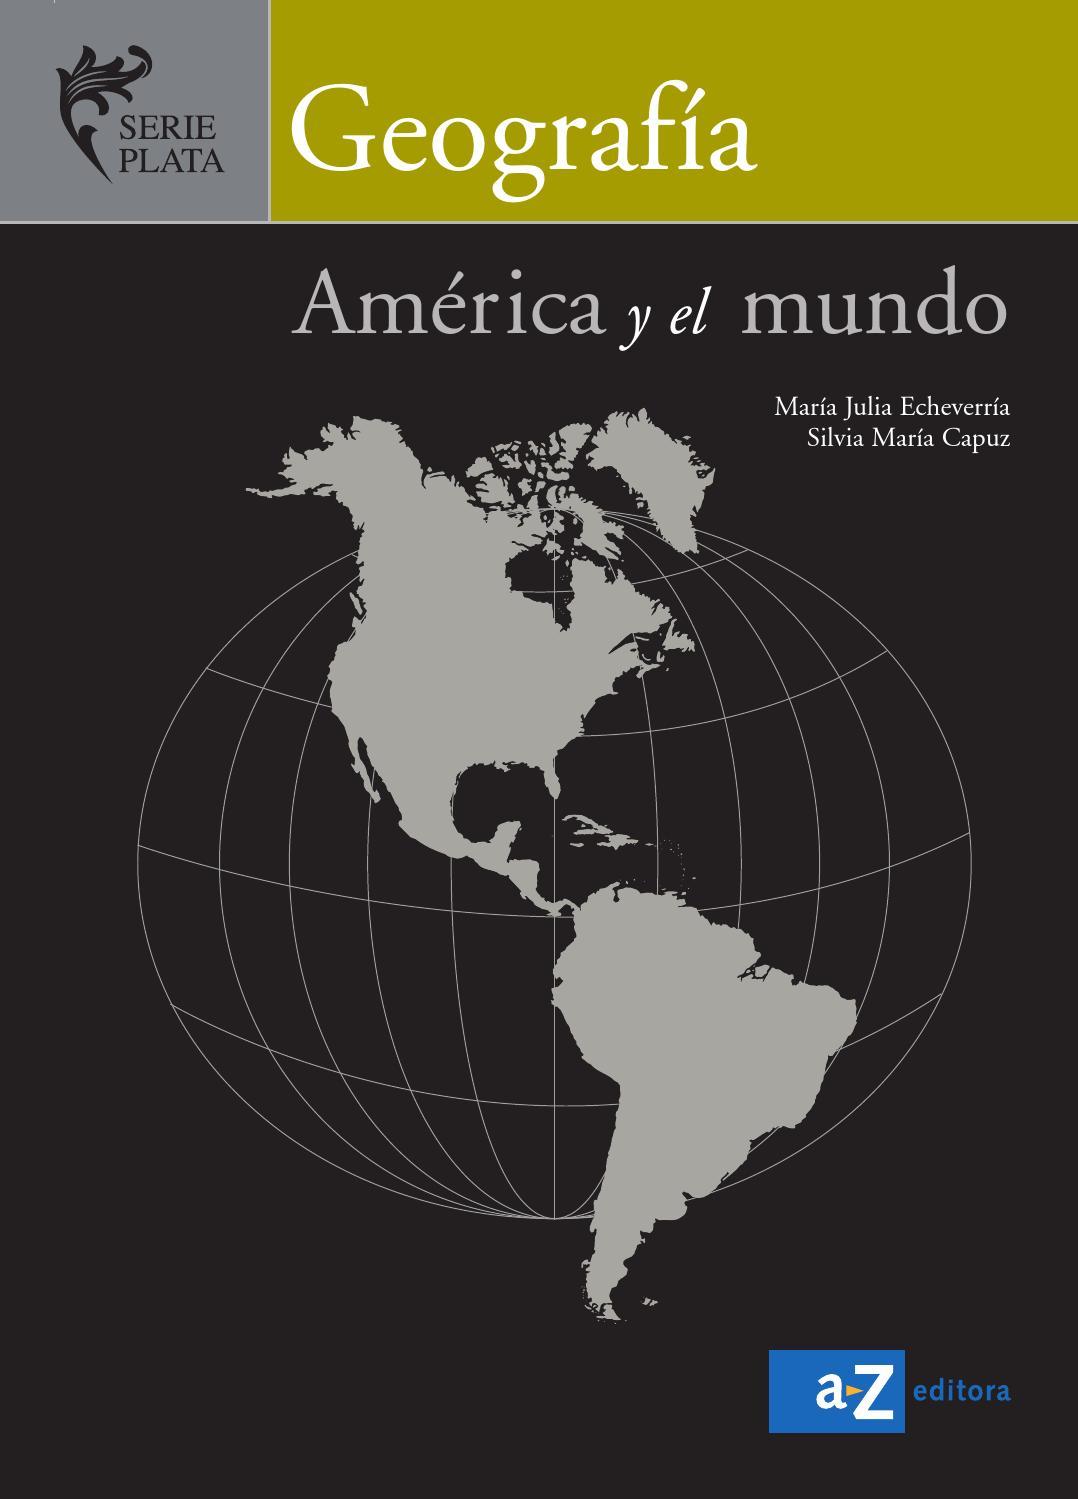 Geografía de Venezuela 3er año by SANTILLANA Venezuela - issuu